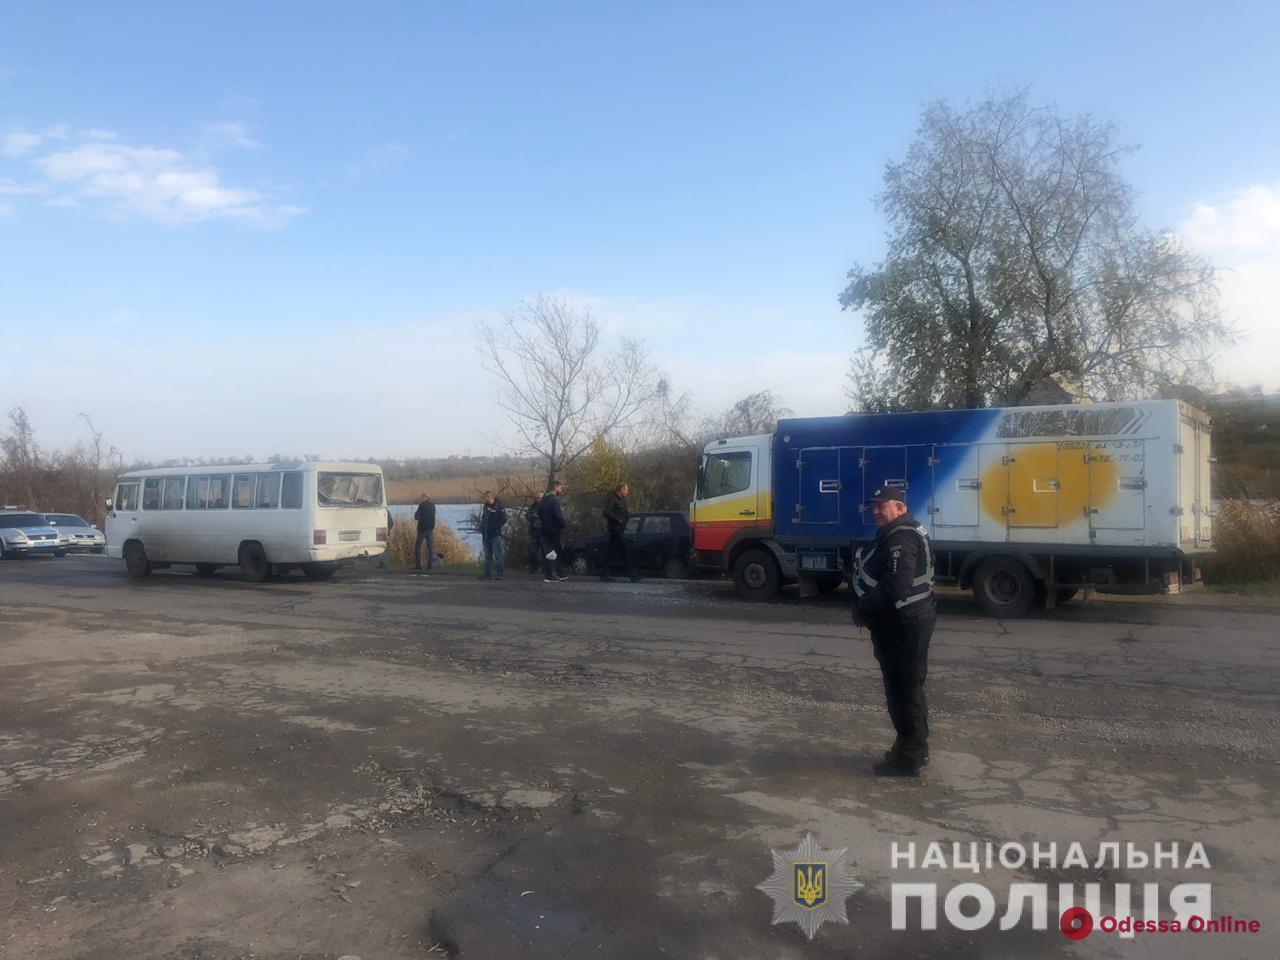 На Объездной дороге столкнулись микроавтобус и грузовик: шестеро пострадавших